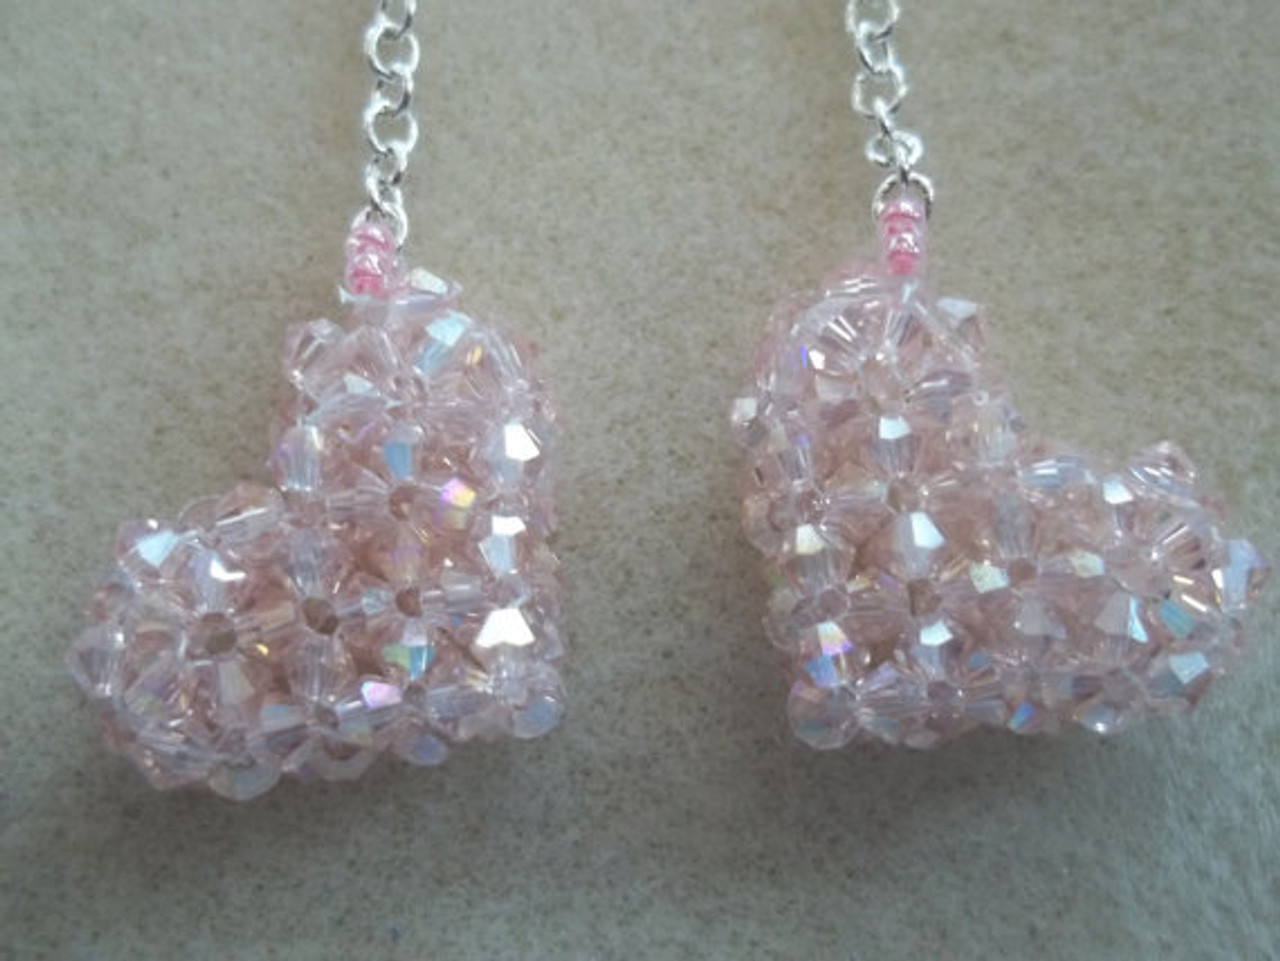 3-D Heart Earrings Tutorial